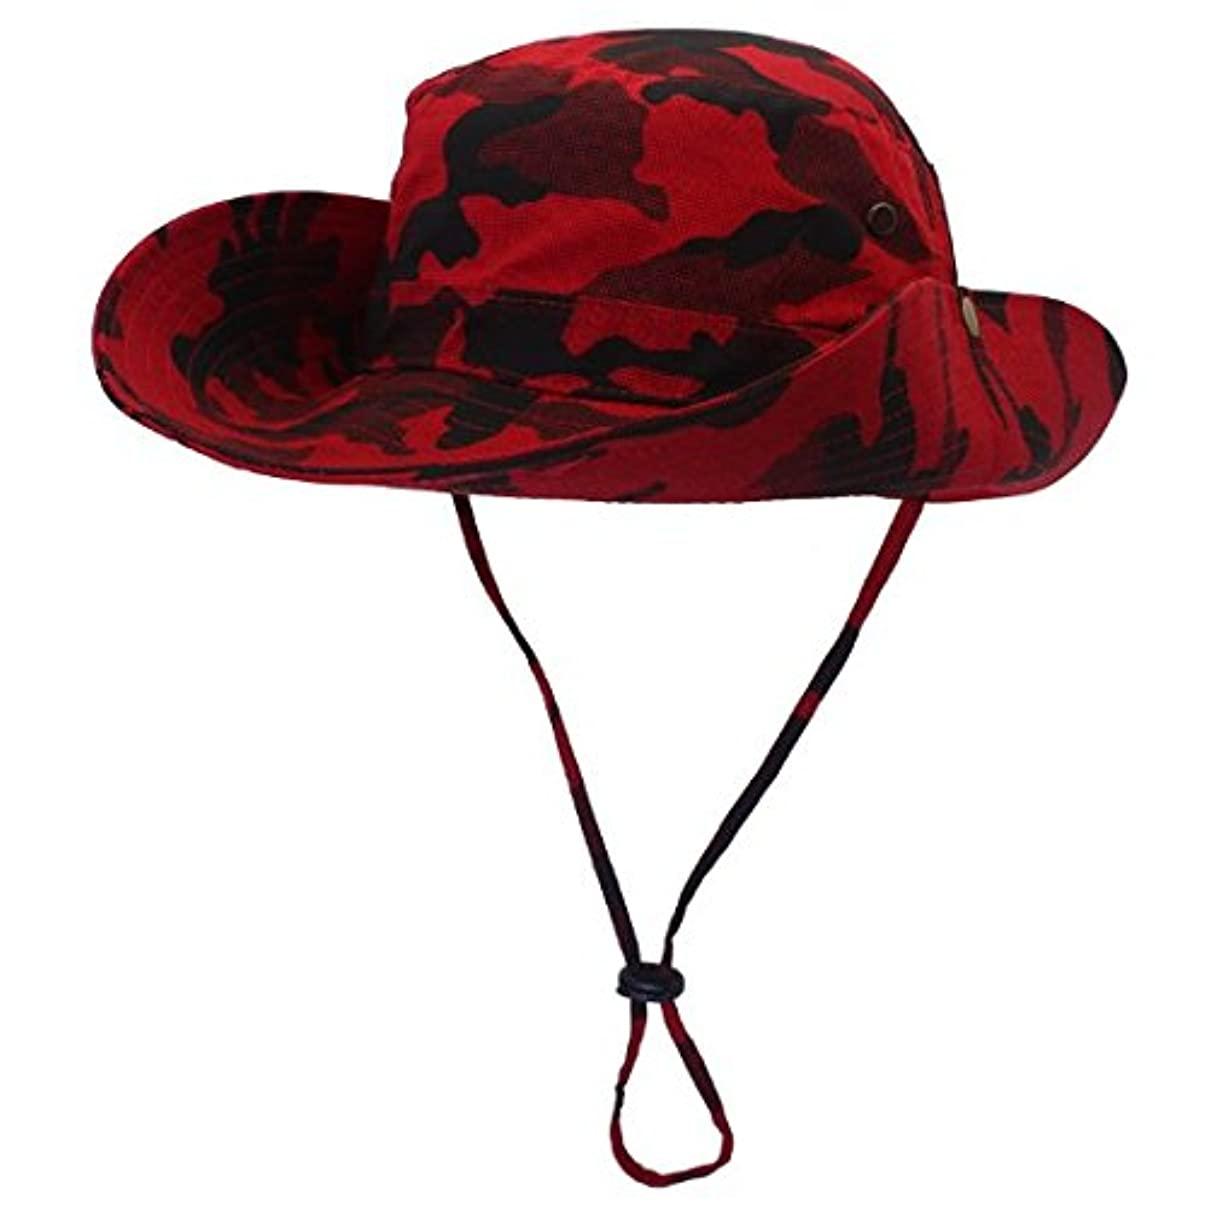 国家実り多い言うまでもなくMt.happy (マウントハッピー) 大きめ 調整可能 2WAY サファリハット テンガロンハッ ト つば広め 帽子 メッシュ 登山 釣り スポーツ 紫外線カットUPF50+